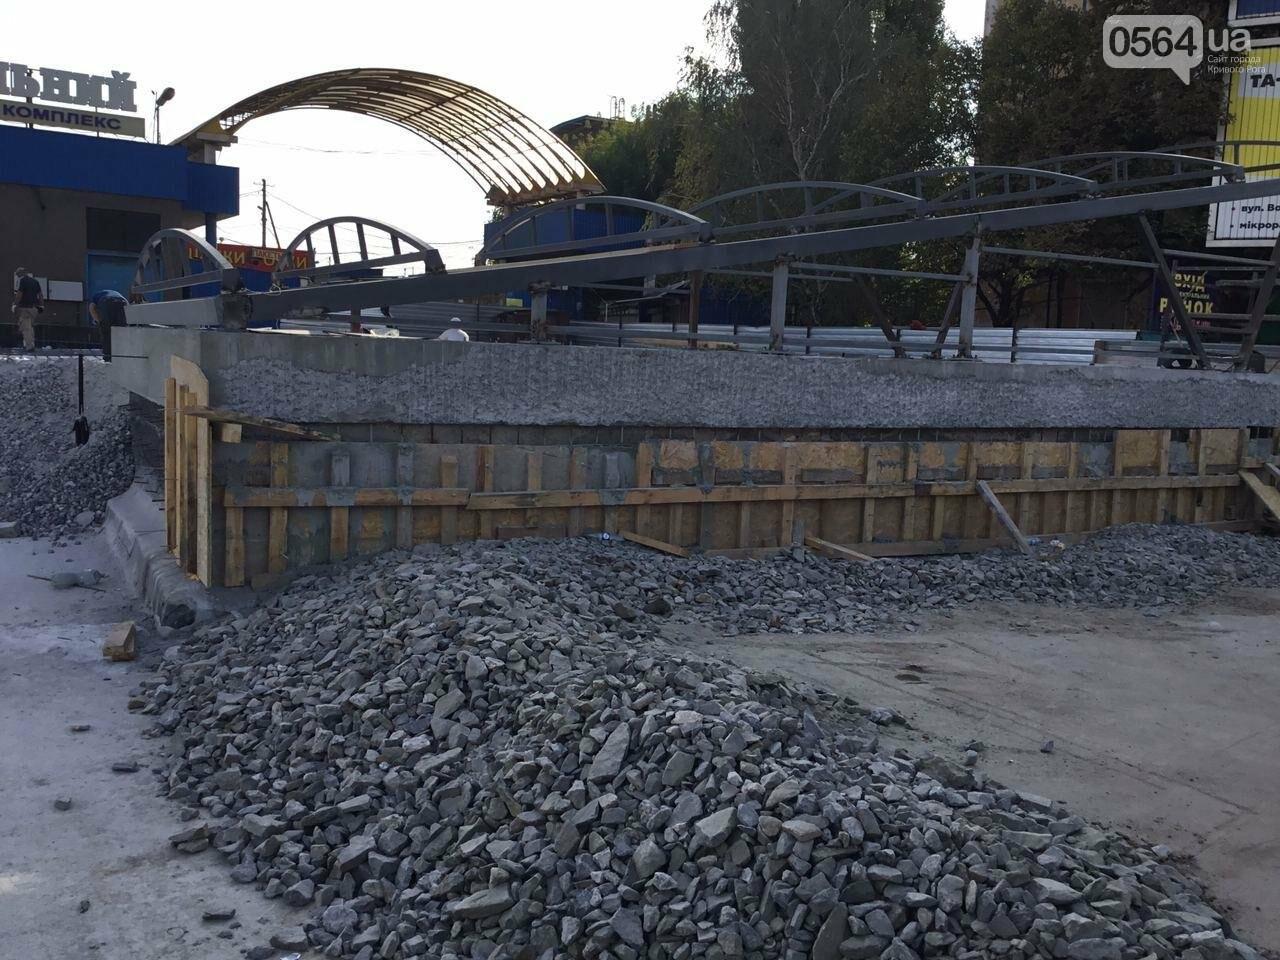 Как проходит реконструкция пешеходного перехода на улице Лермонтова в Кривом Роге, - ФОТО, фото-8